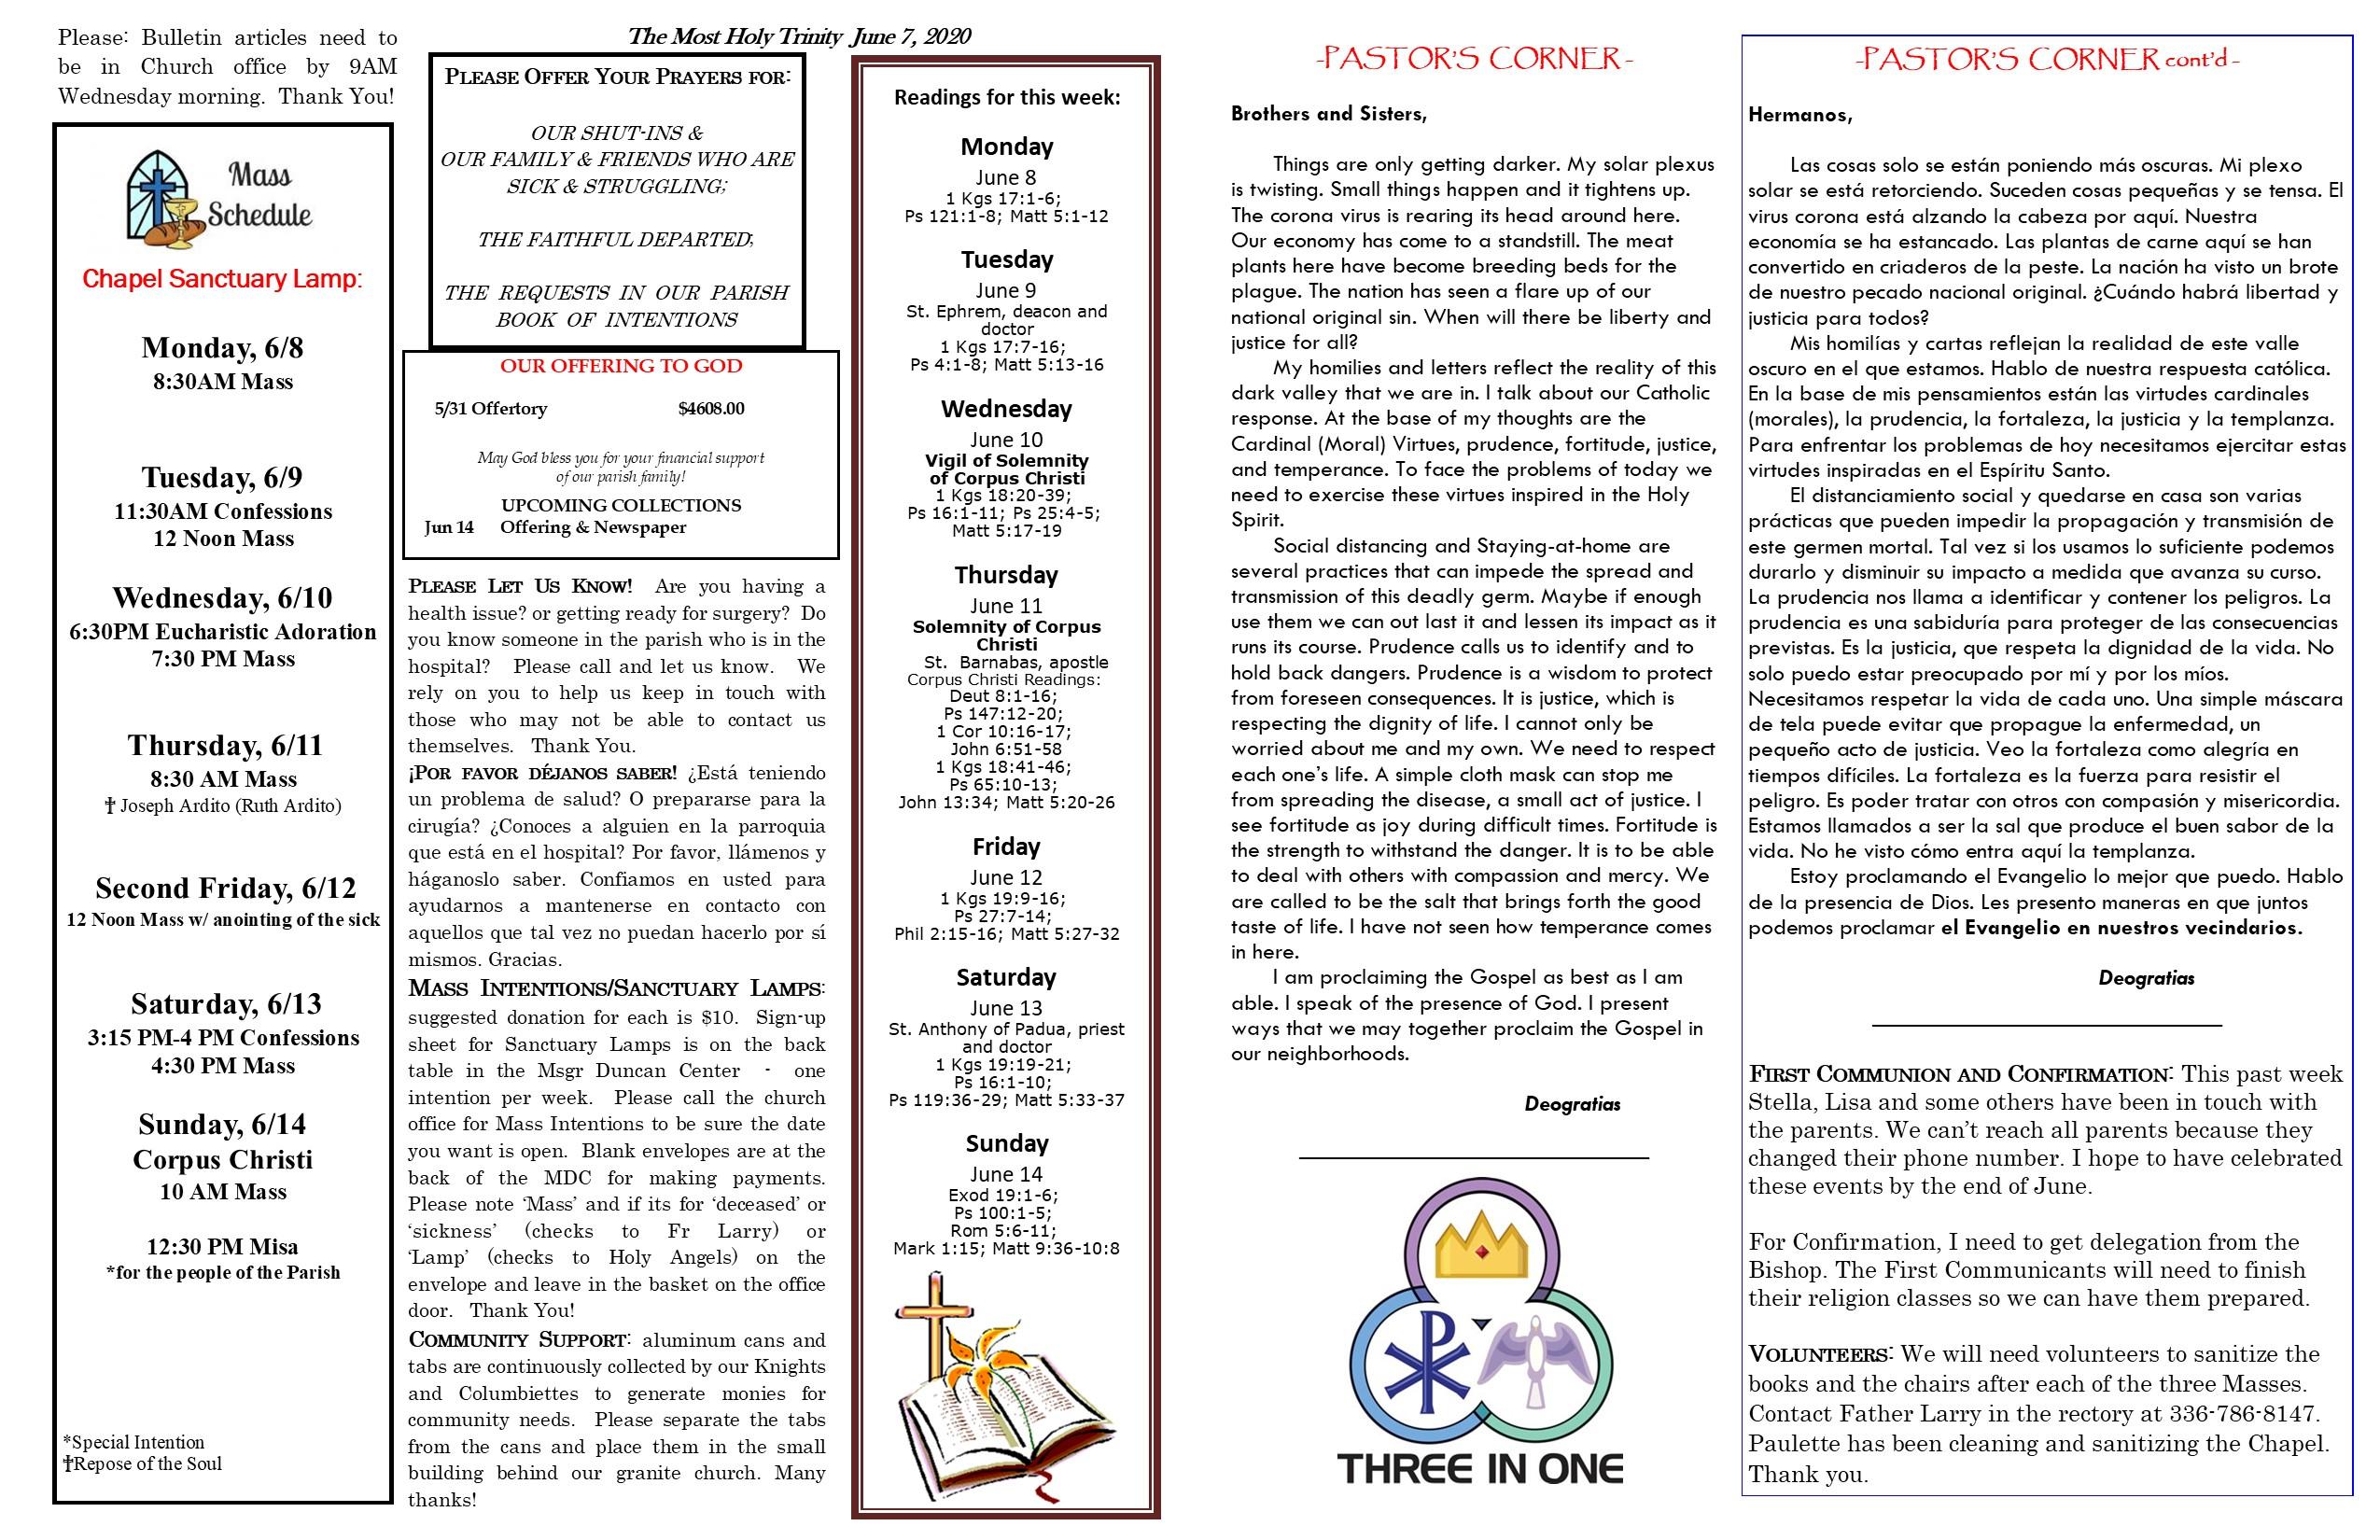 June 7 2020 page 2.jpg